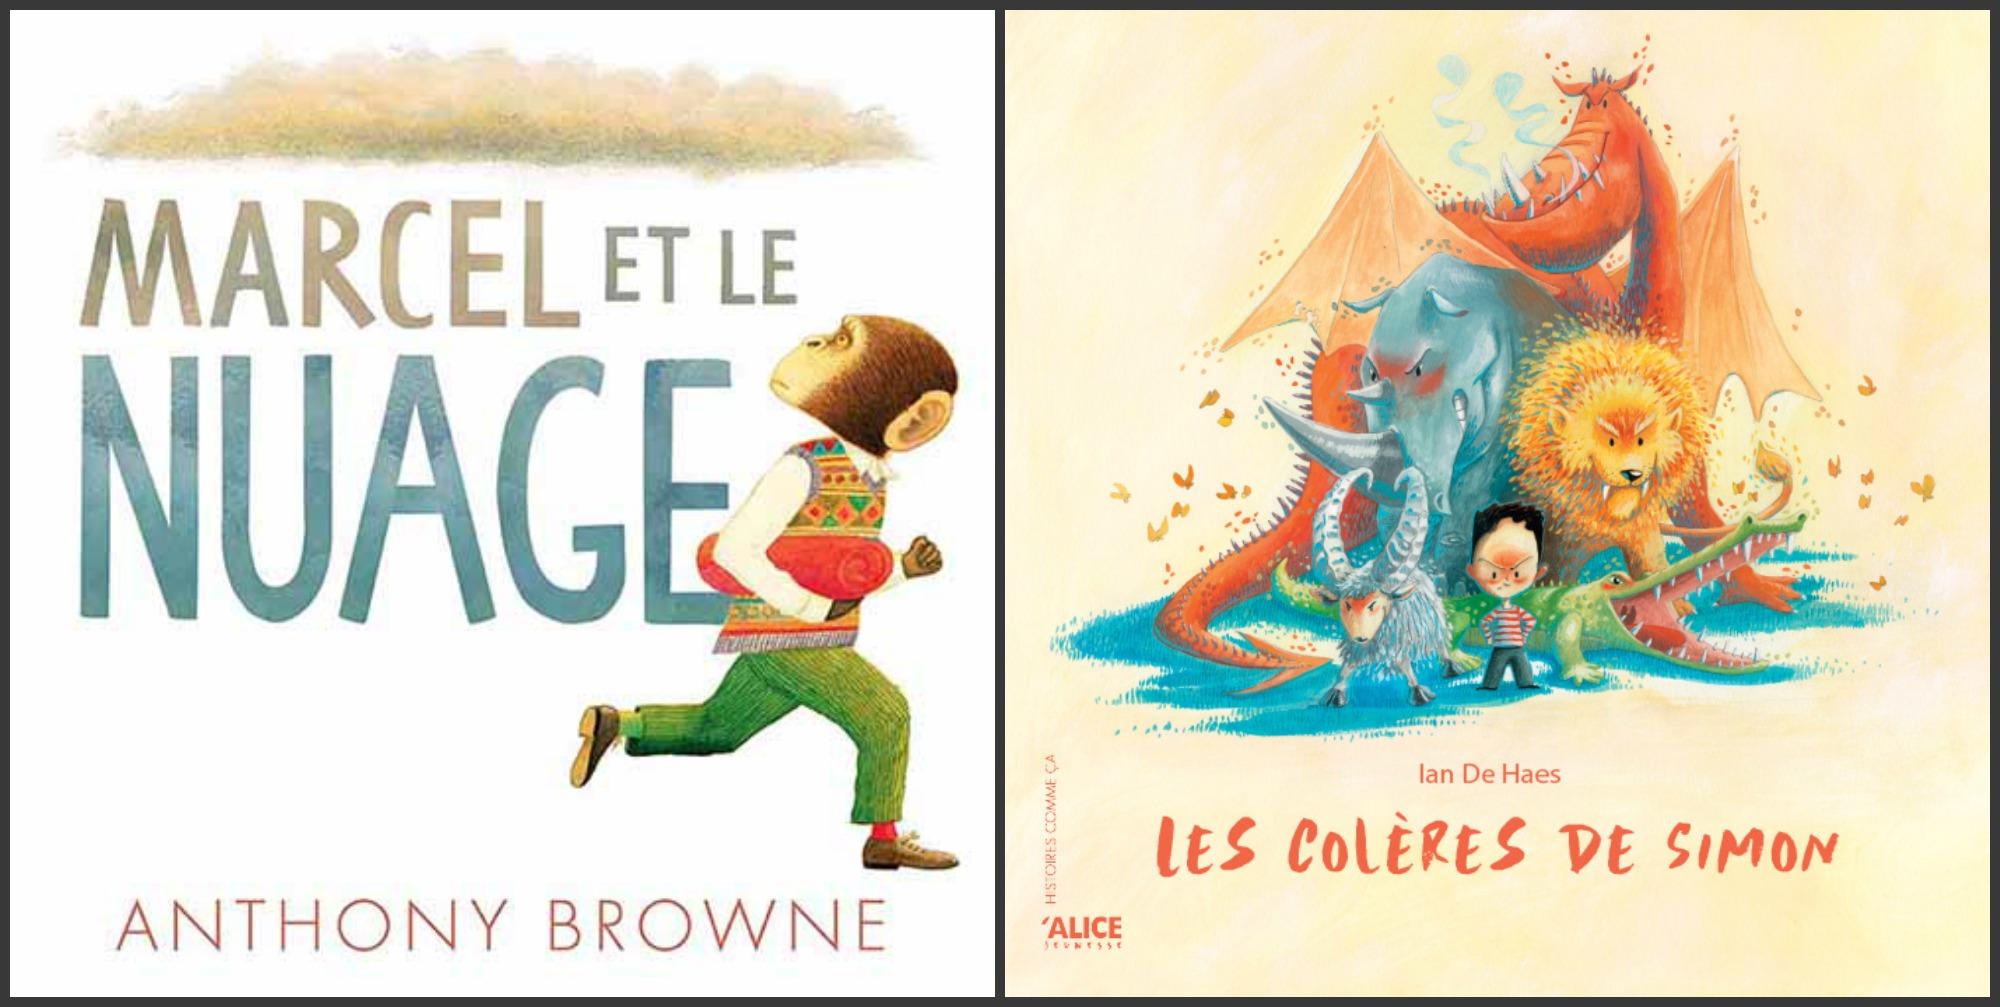 Je suis en COLÈRE ! : 2 albums qui font grandir les enfants